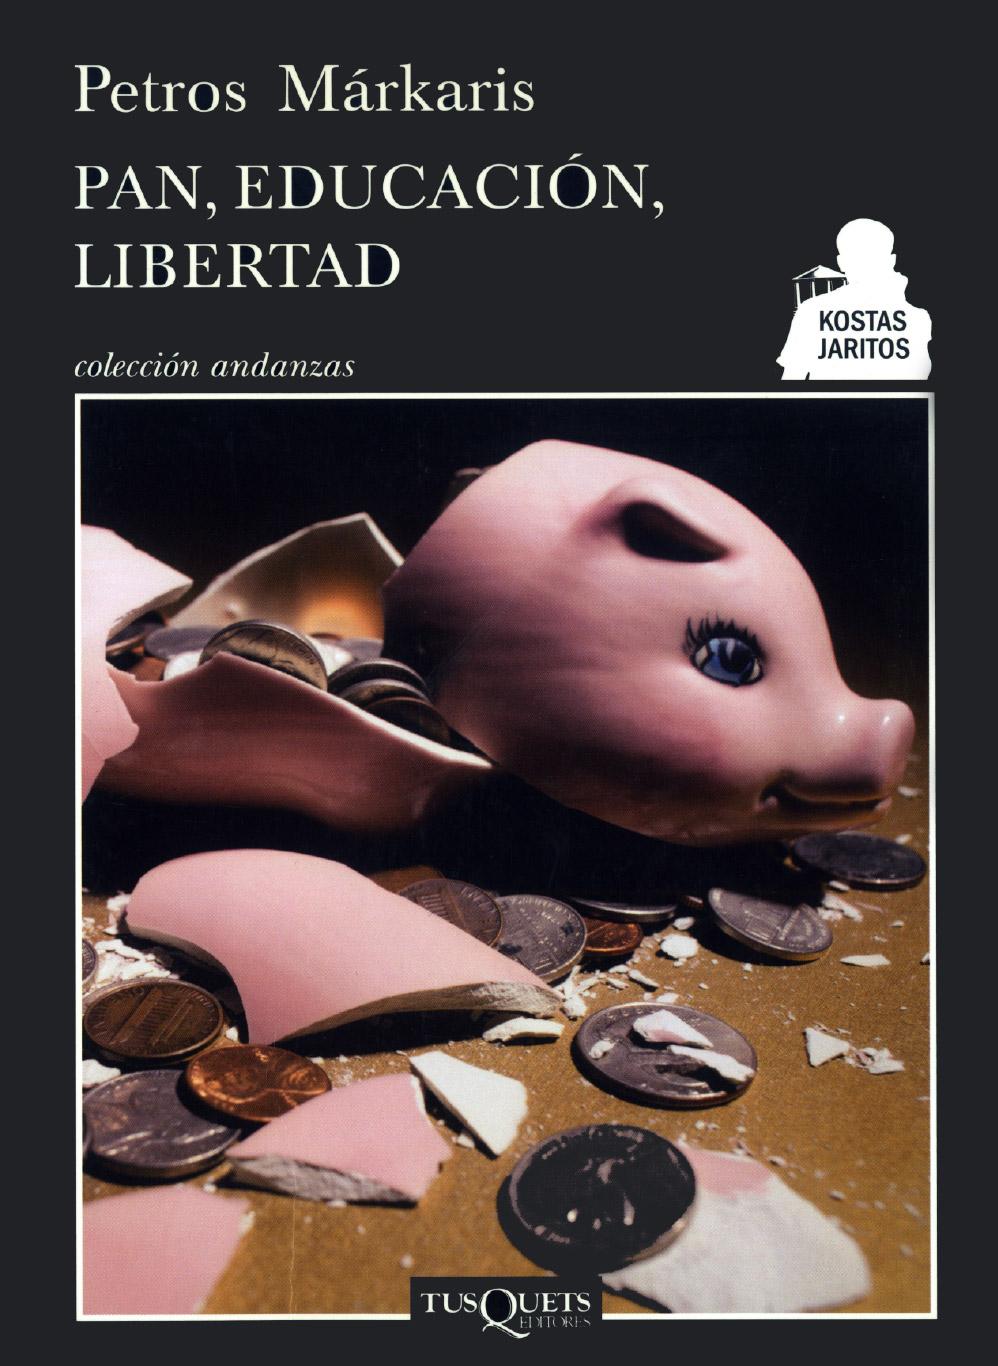 Pan, educación, libertad. Novela de Petros Márkaris 2013. Editorial Tusquets.